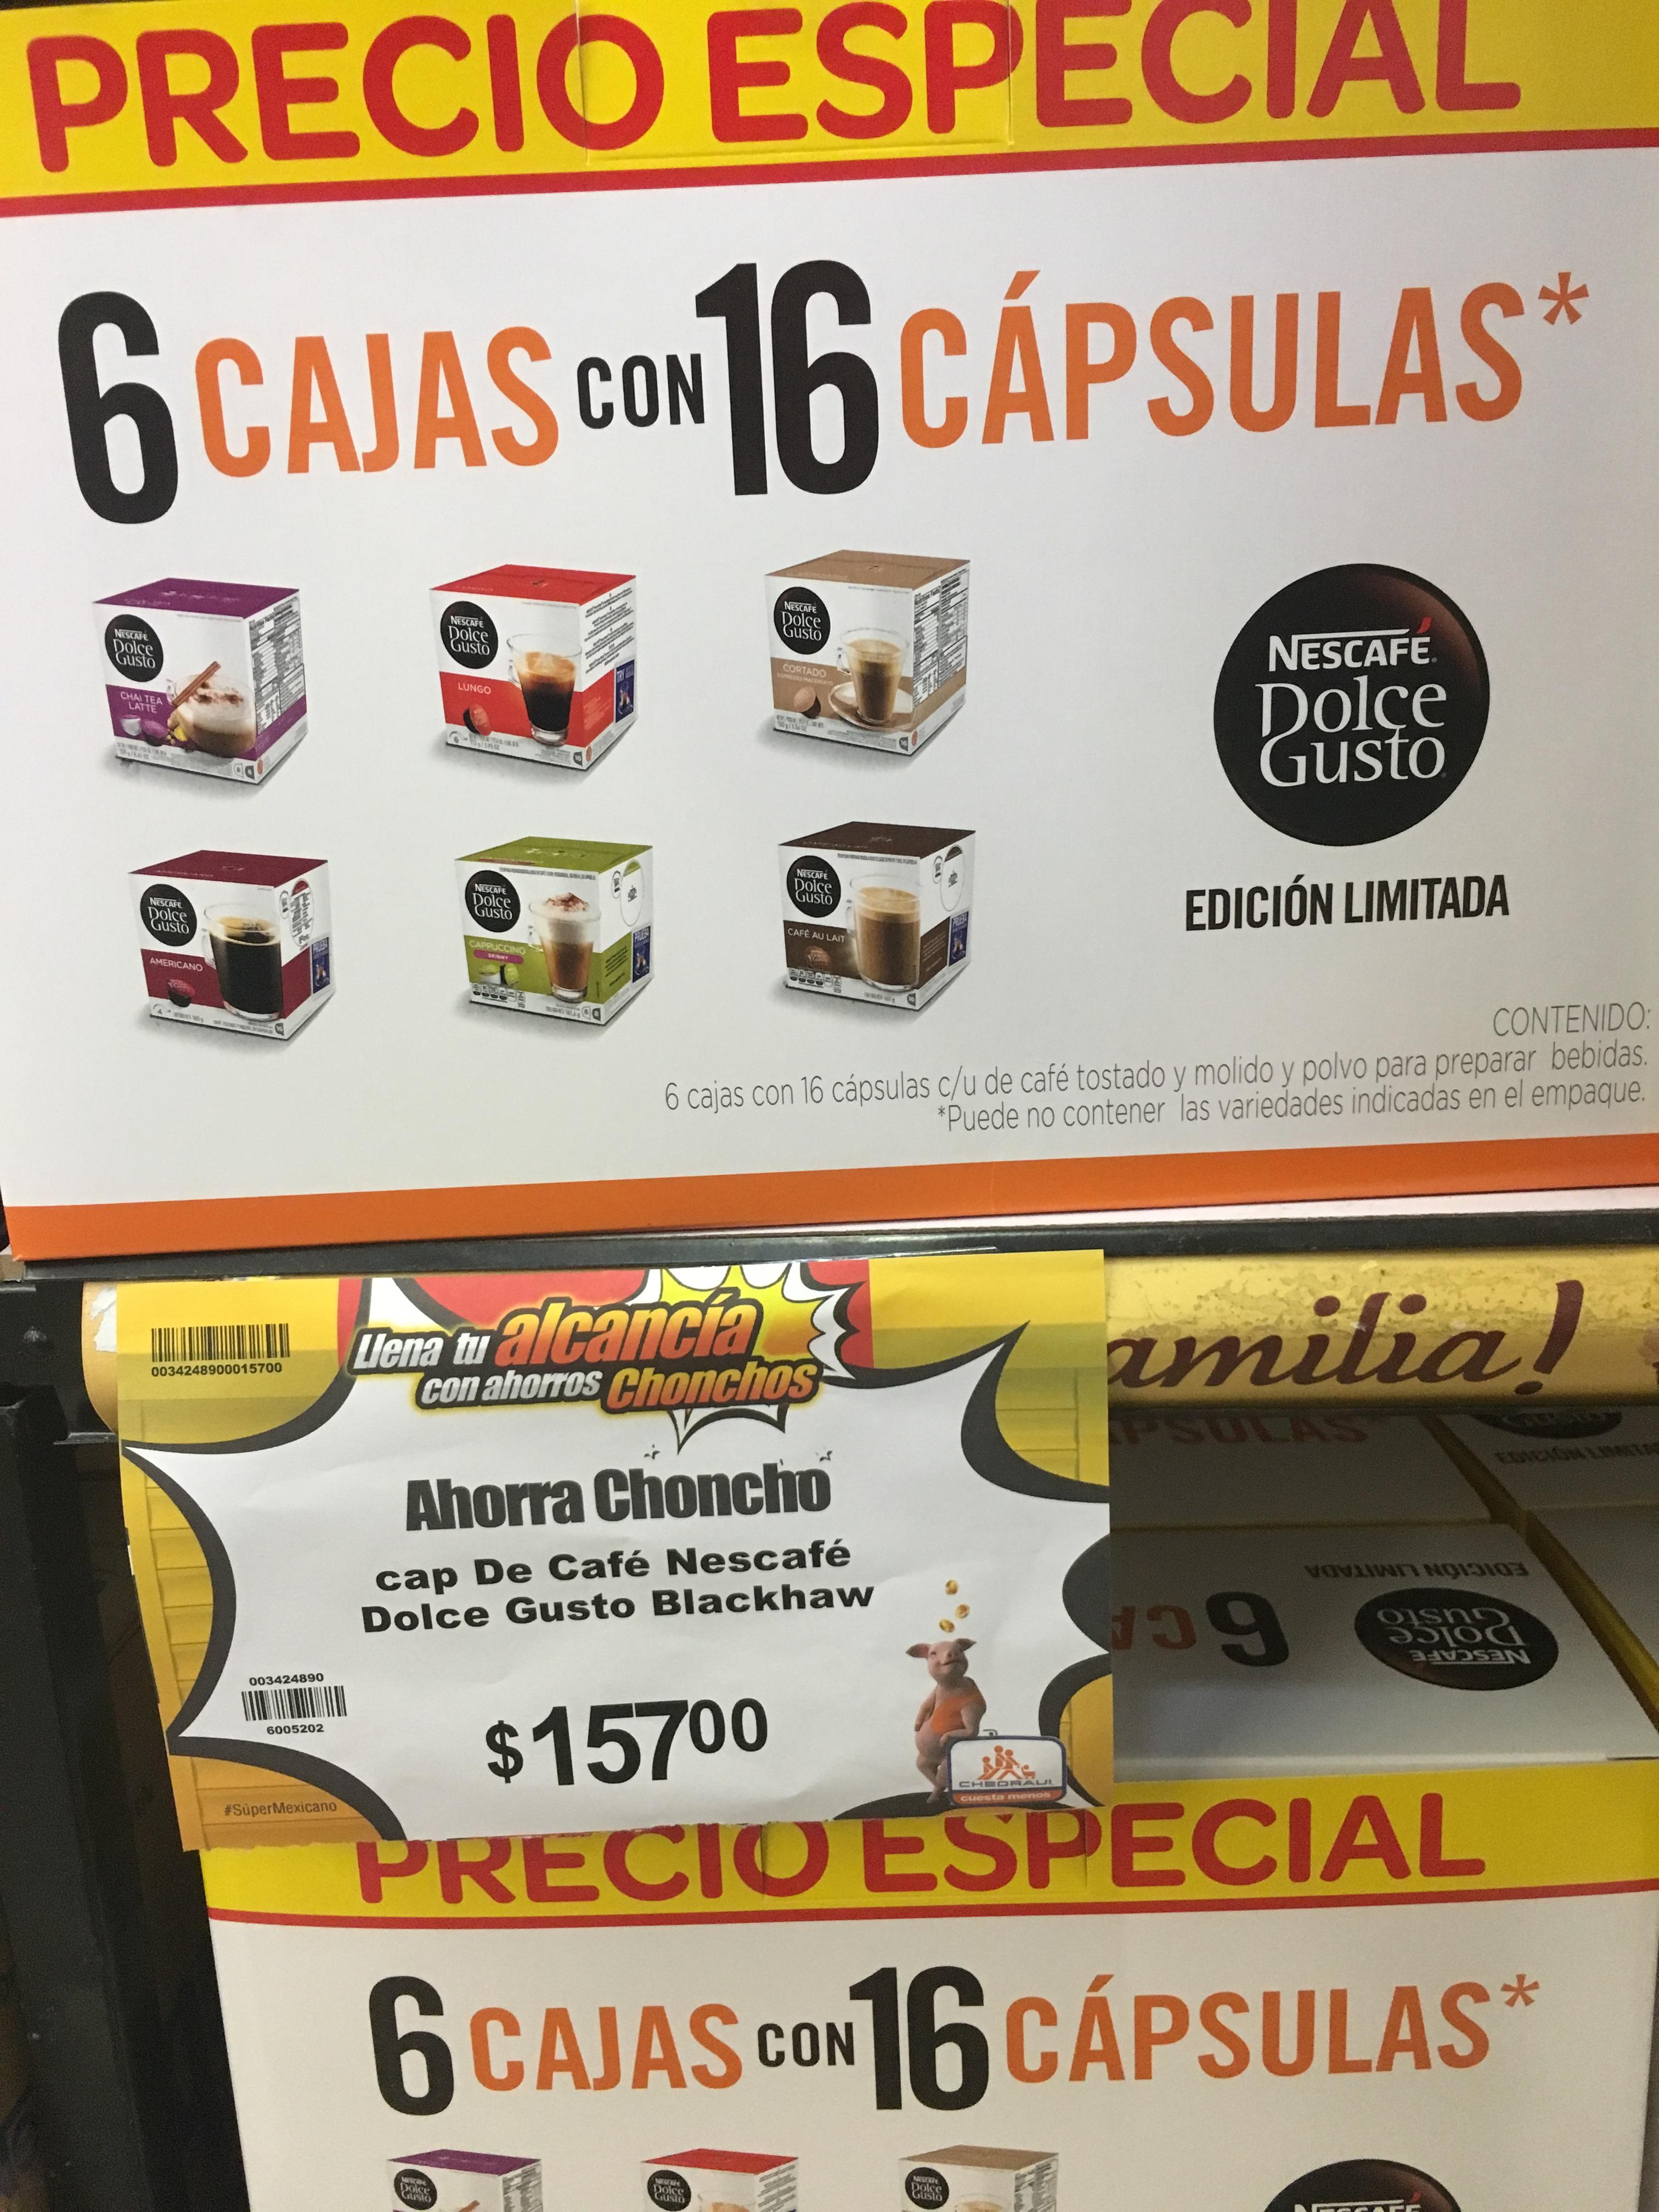 Chedraui aluminio Veracruz (nuevo Veracruz): cajas cápsulas  Dolce Gusto